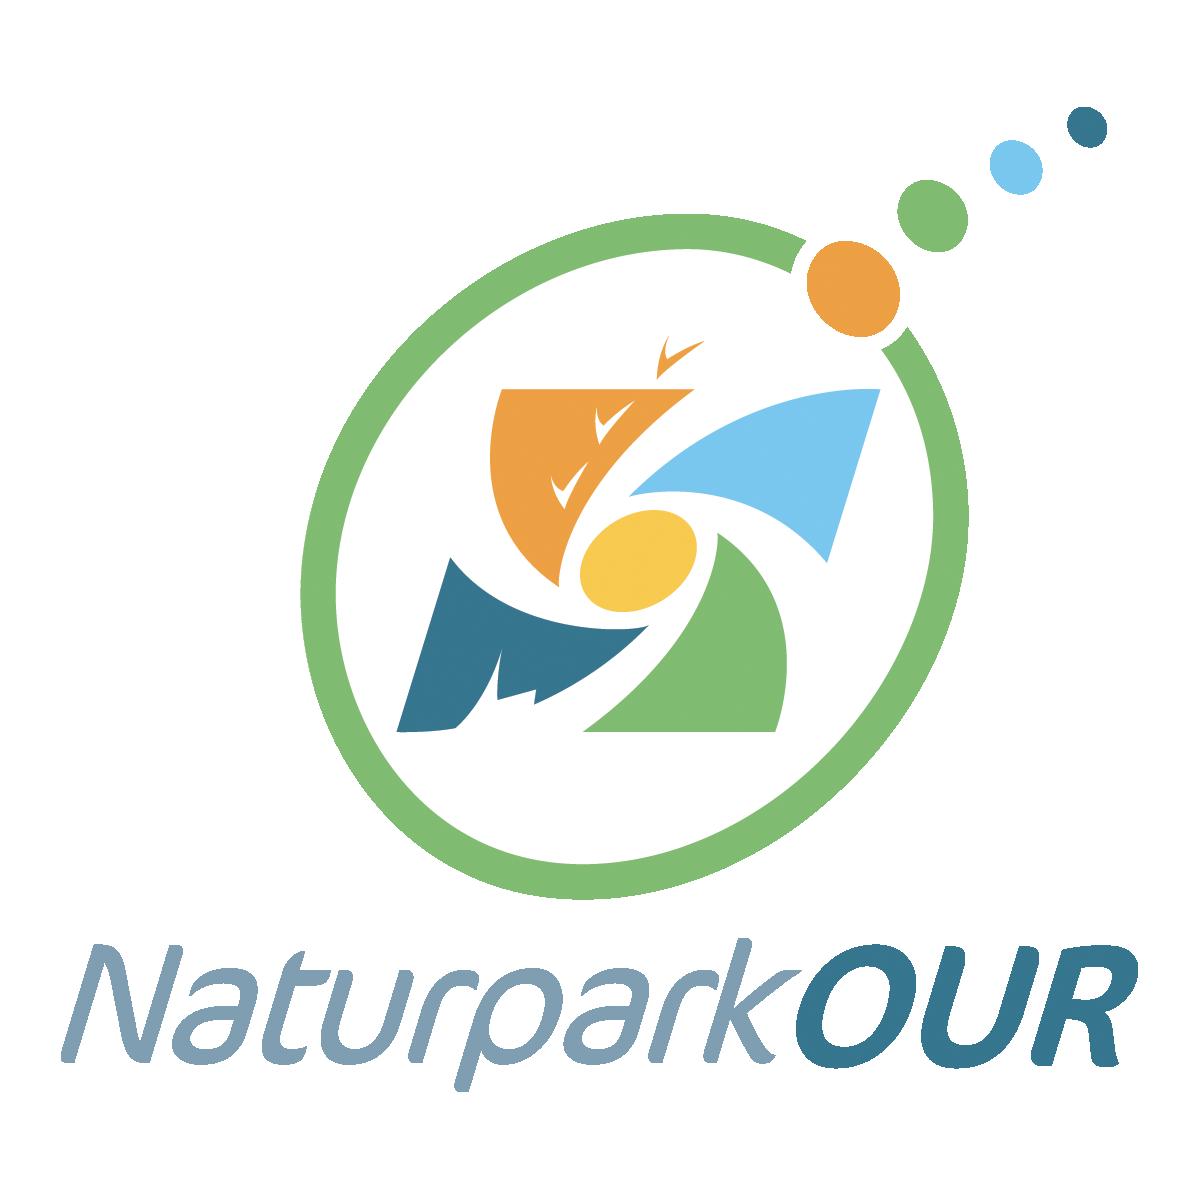 Naturpark Our